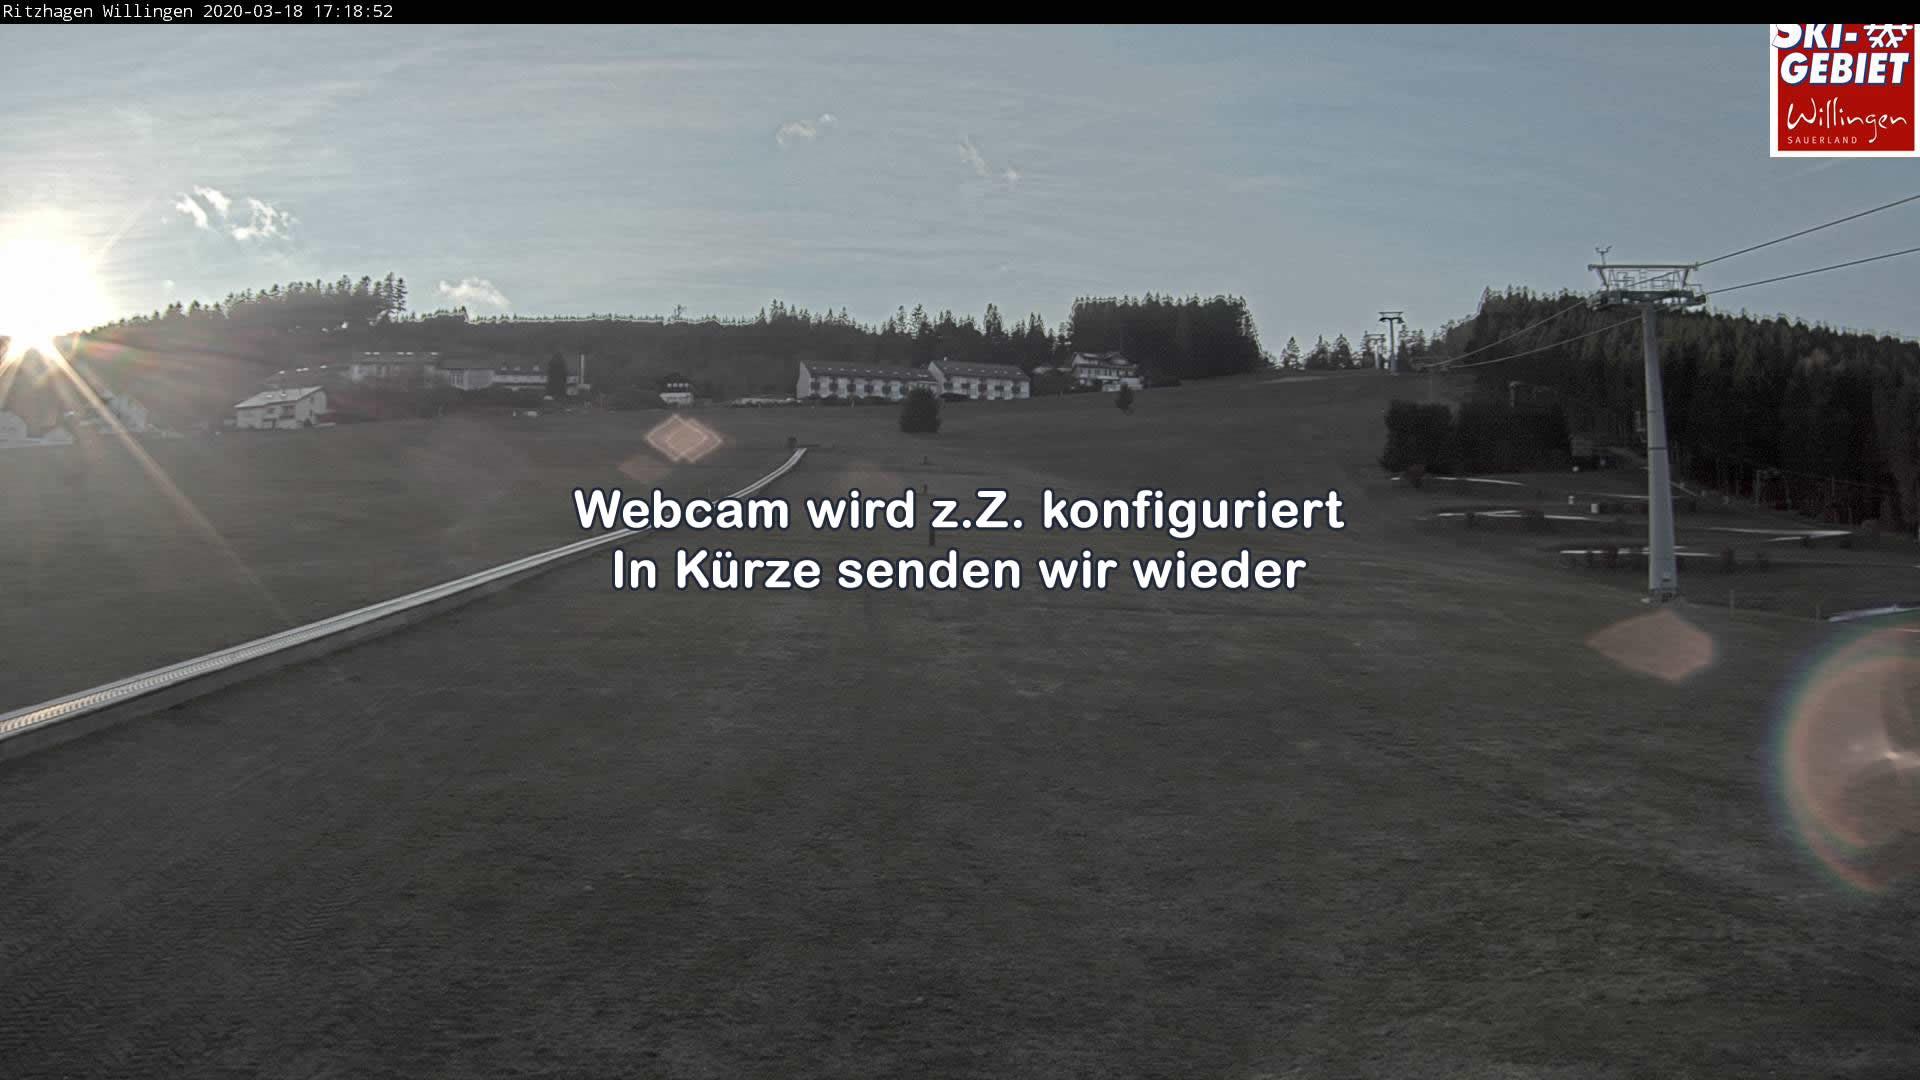 Skigebied Willingen - Webcam 7